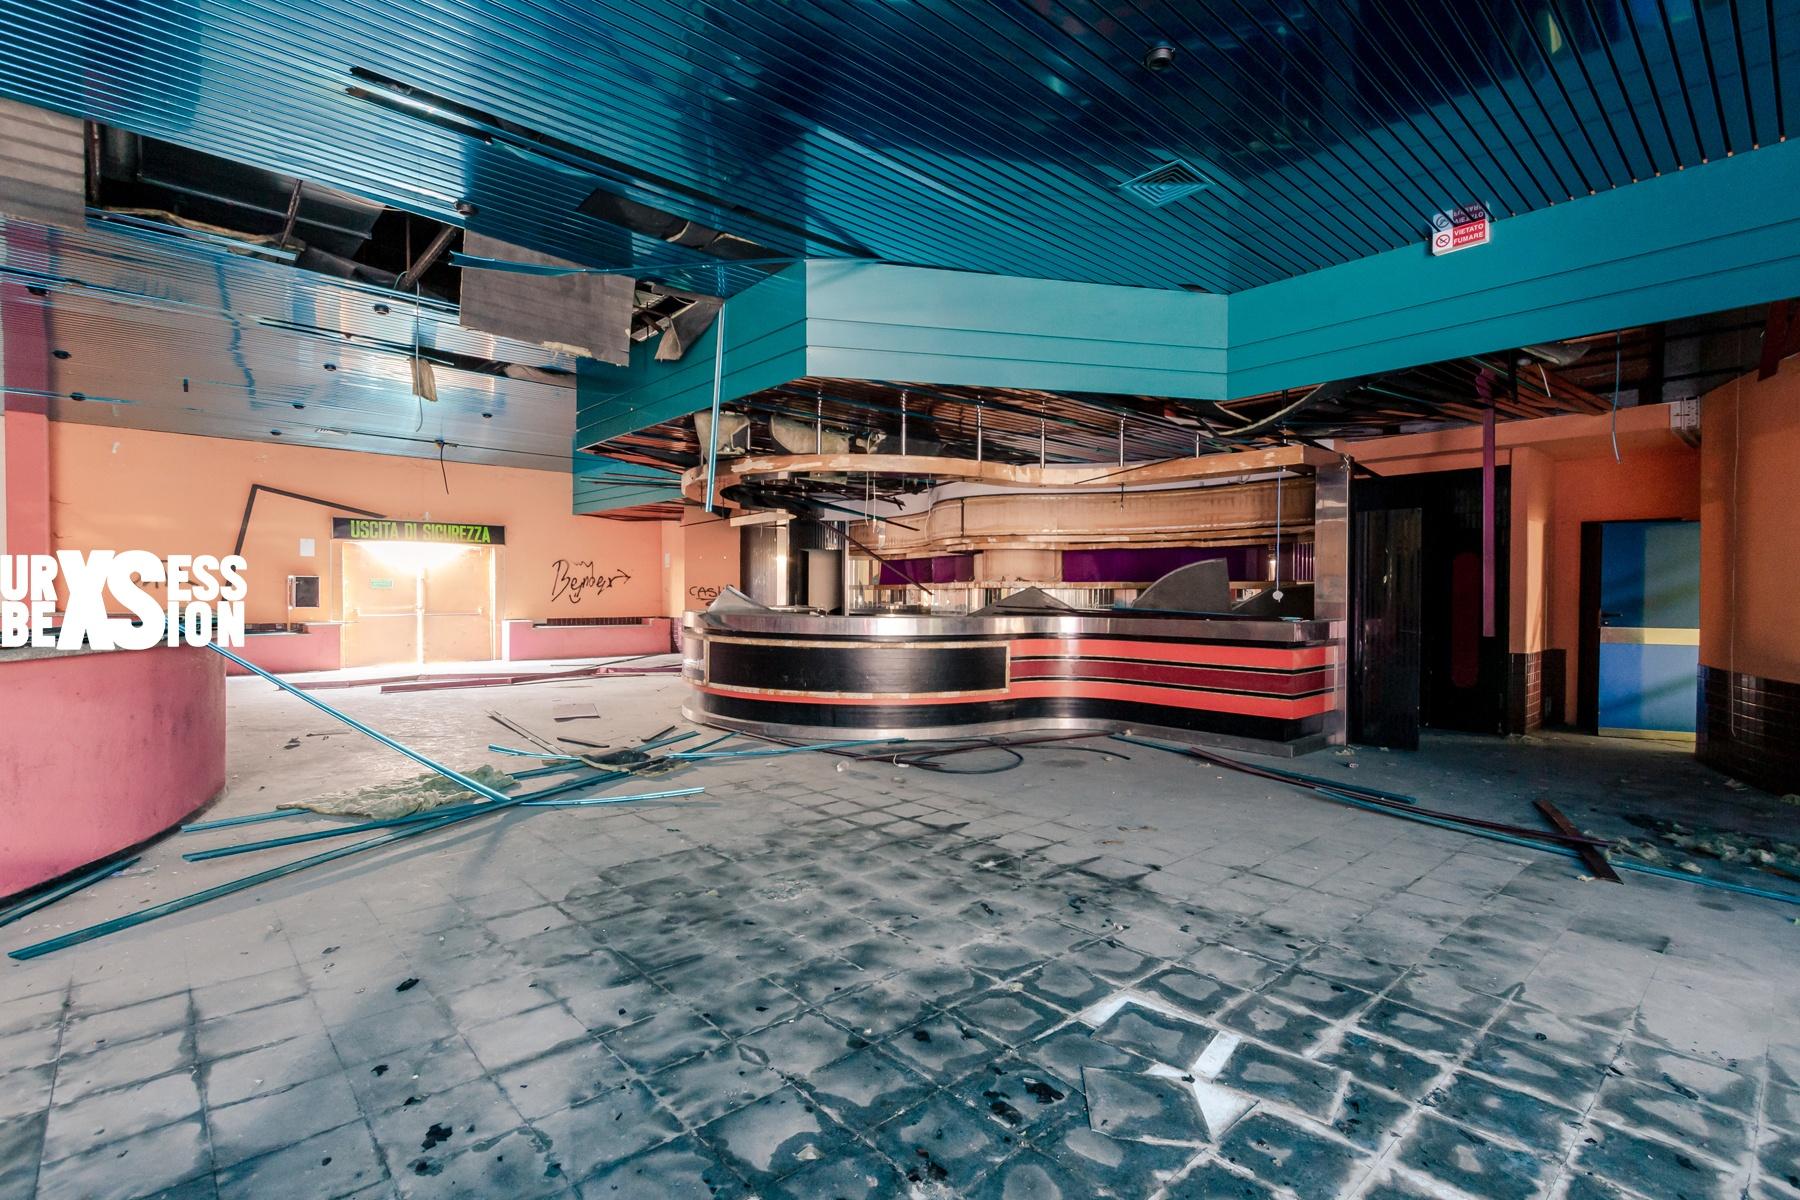 Discothèque abandonnée située en Italie | urbexsession.com/discotheque-divina | Urbex Italie